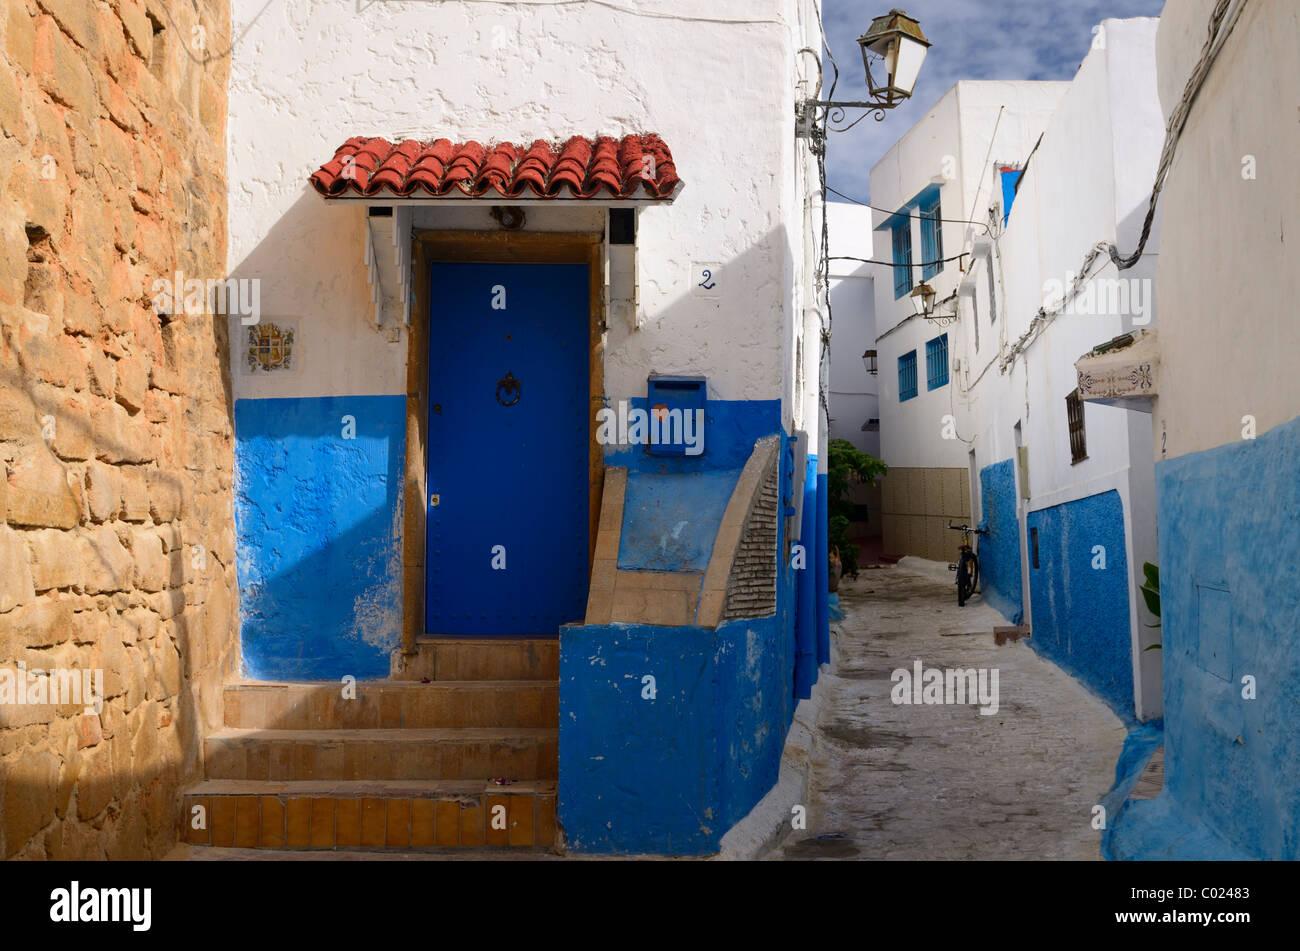 Il blue door finestre e pareti bianche di vicolo di oudaia kasbah Marocco Rabat Immagini Stock